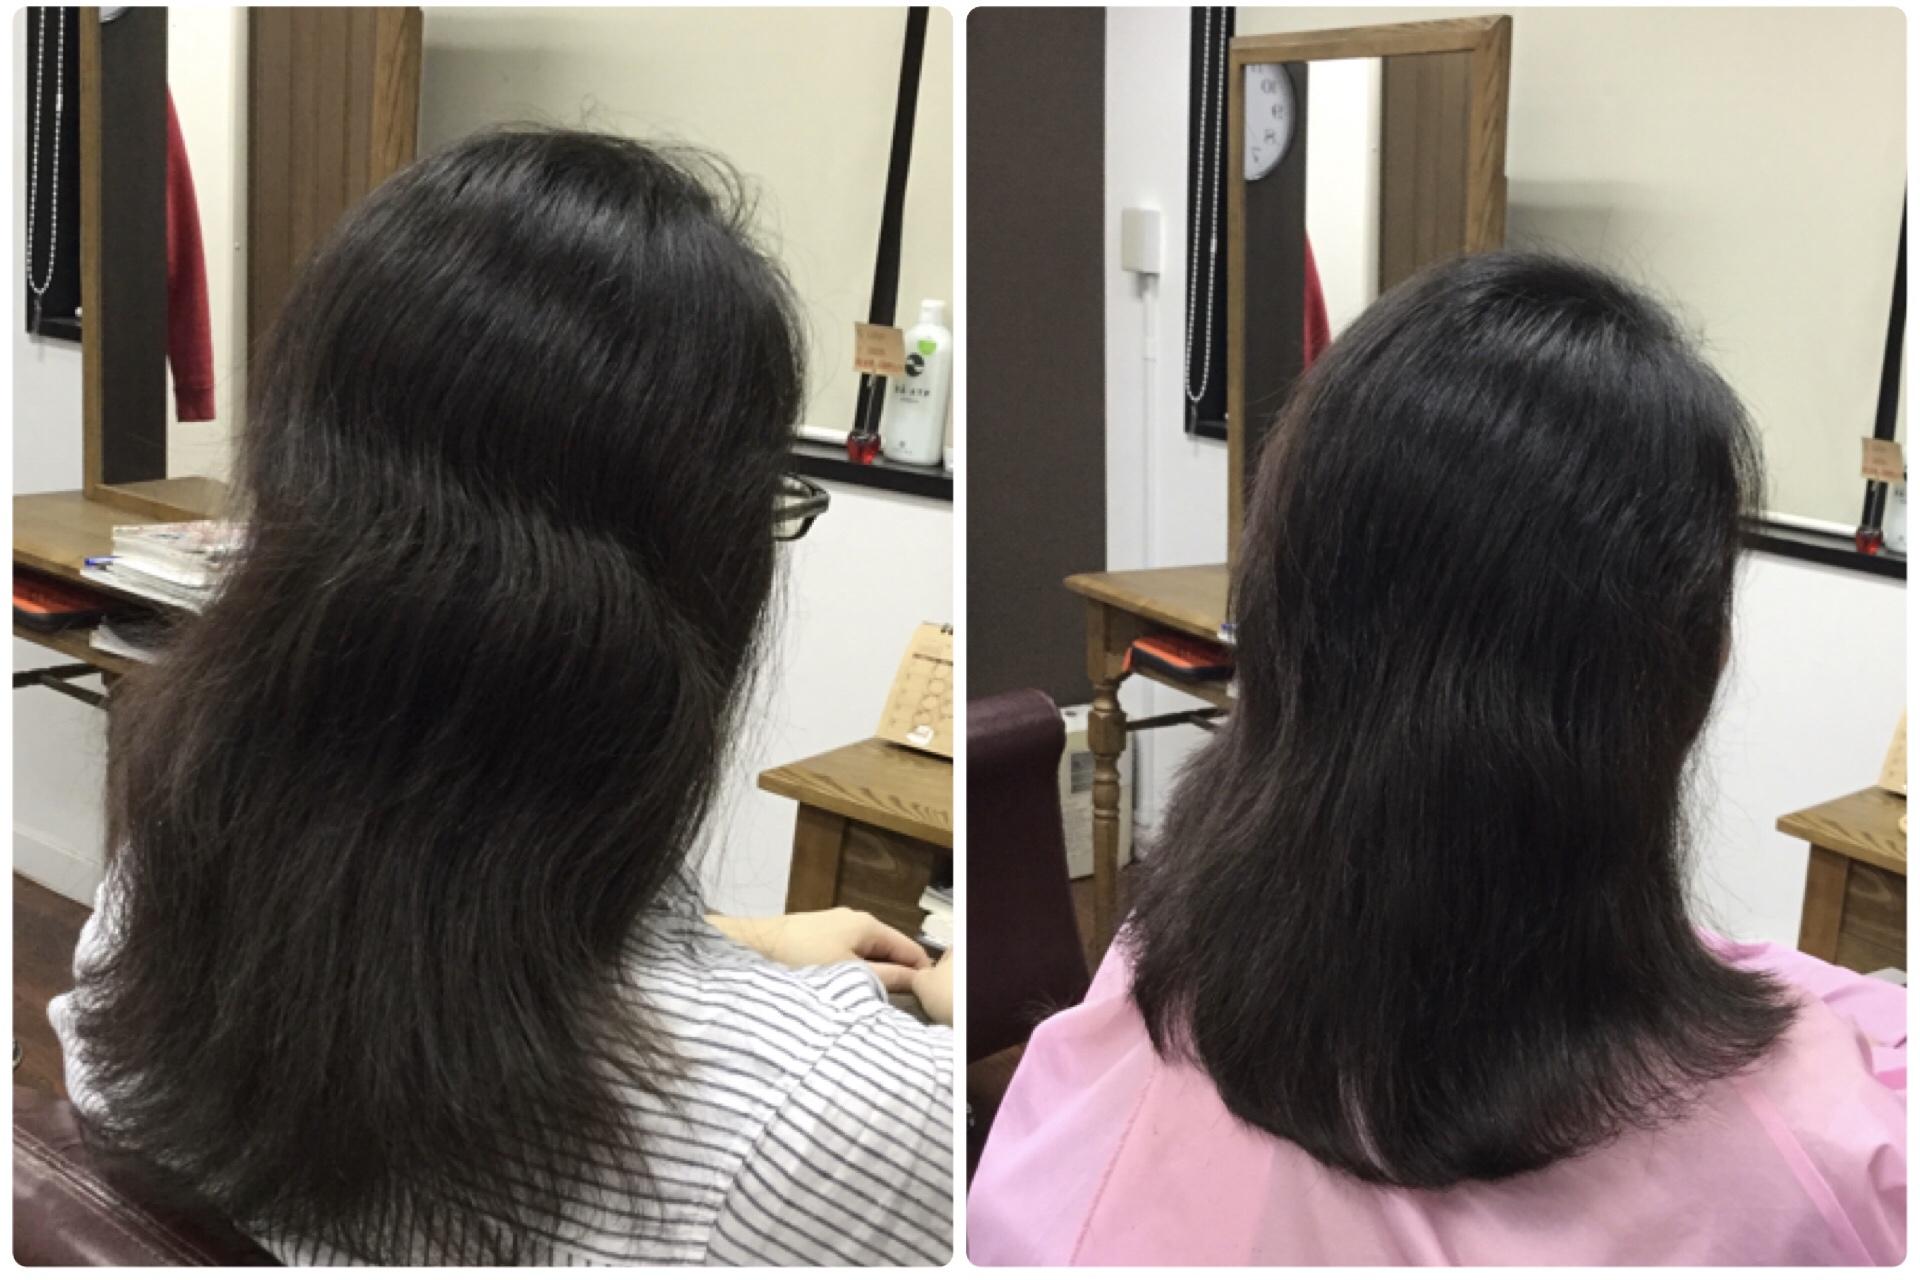 くせ毛細毛薄毛に『スキハサミ』は危険!広がる・まとまらない悩みに神戸くせ毛専門美容室アバディ